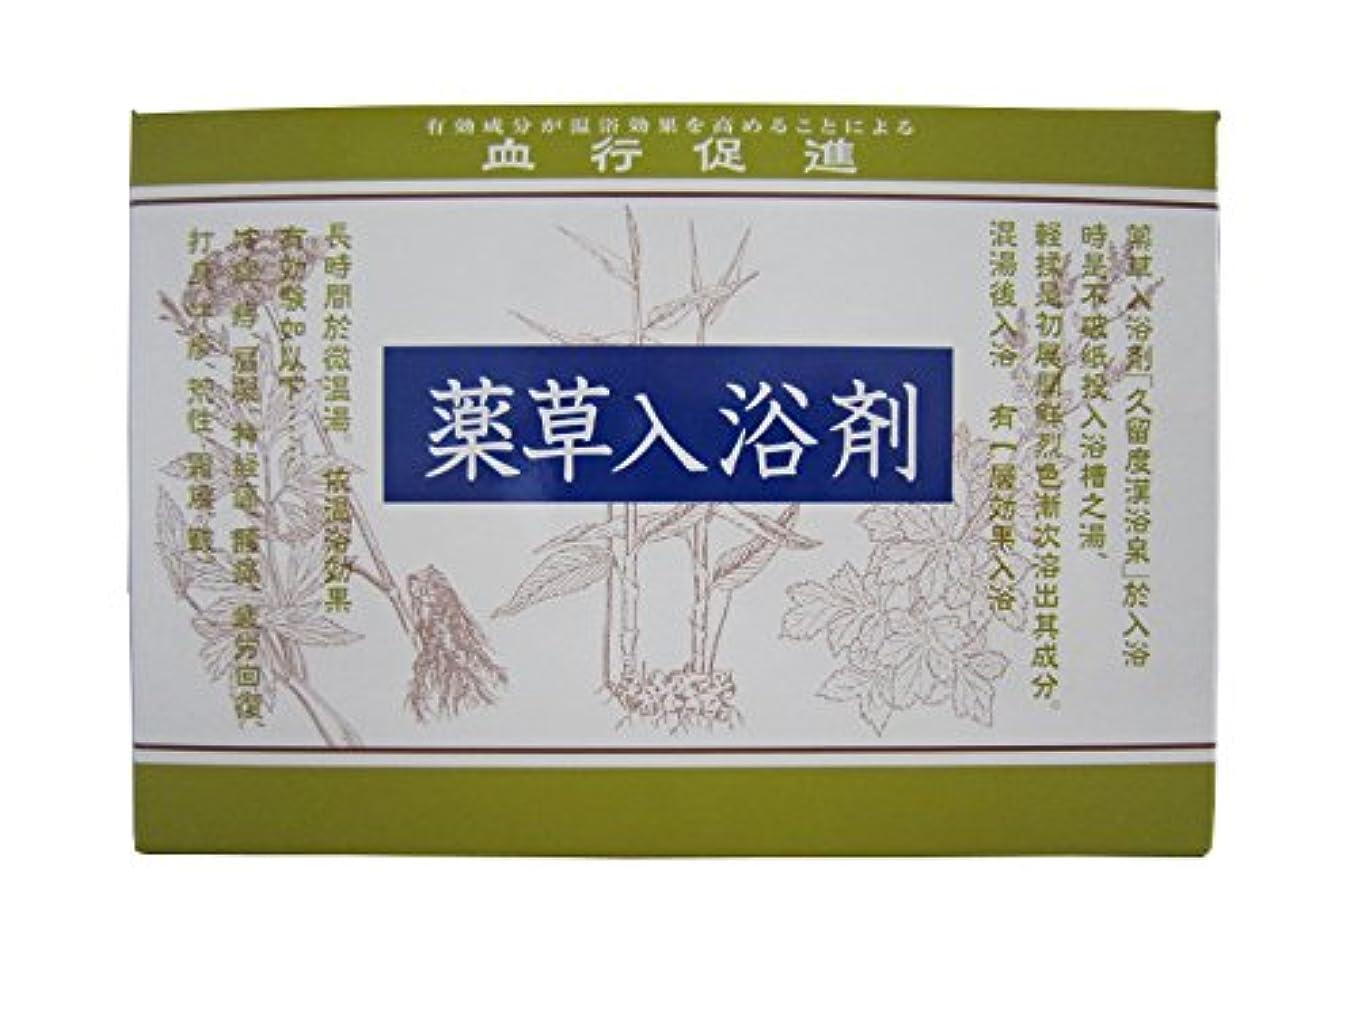 リットル持続的エゴマニア松田医薬品 クルード漢浴泉 23.5gX5包